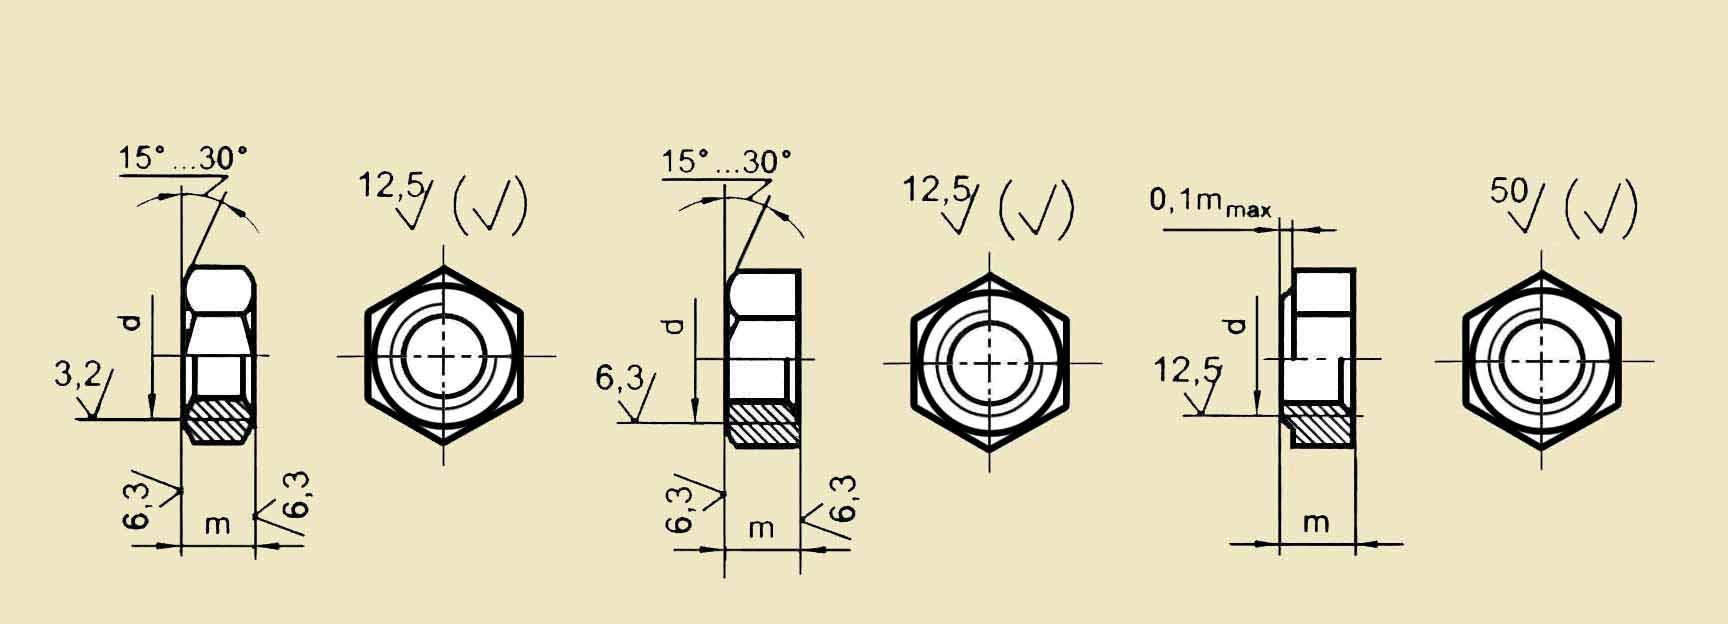 Chi tiết ren của đai ốc